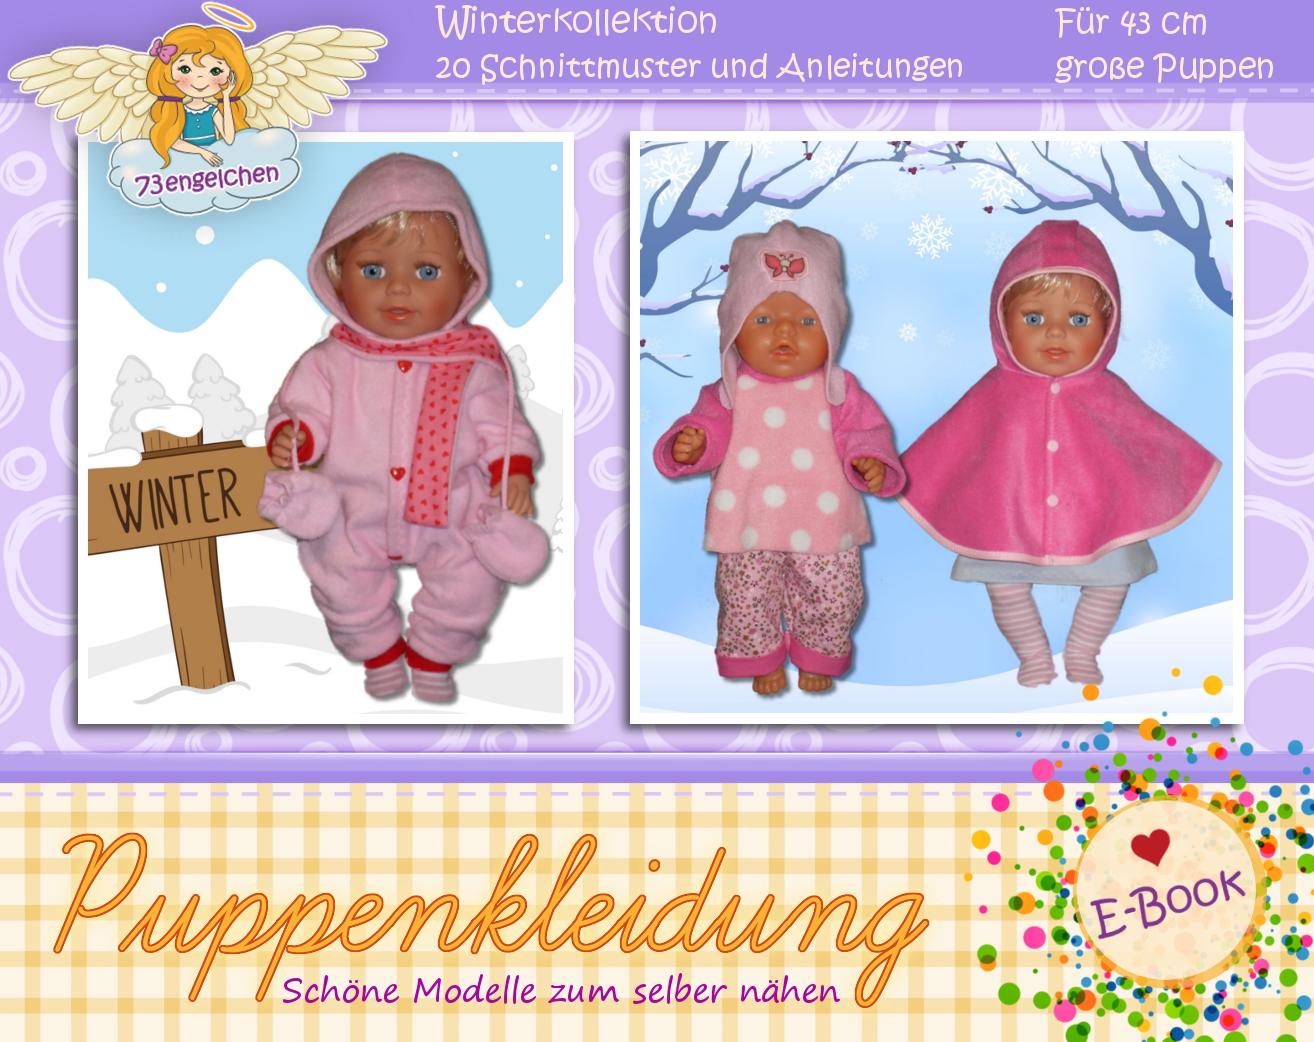 Schnittmuster für 70 Puppenmodelle / Für Puppen 43 cm